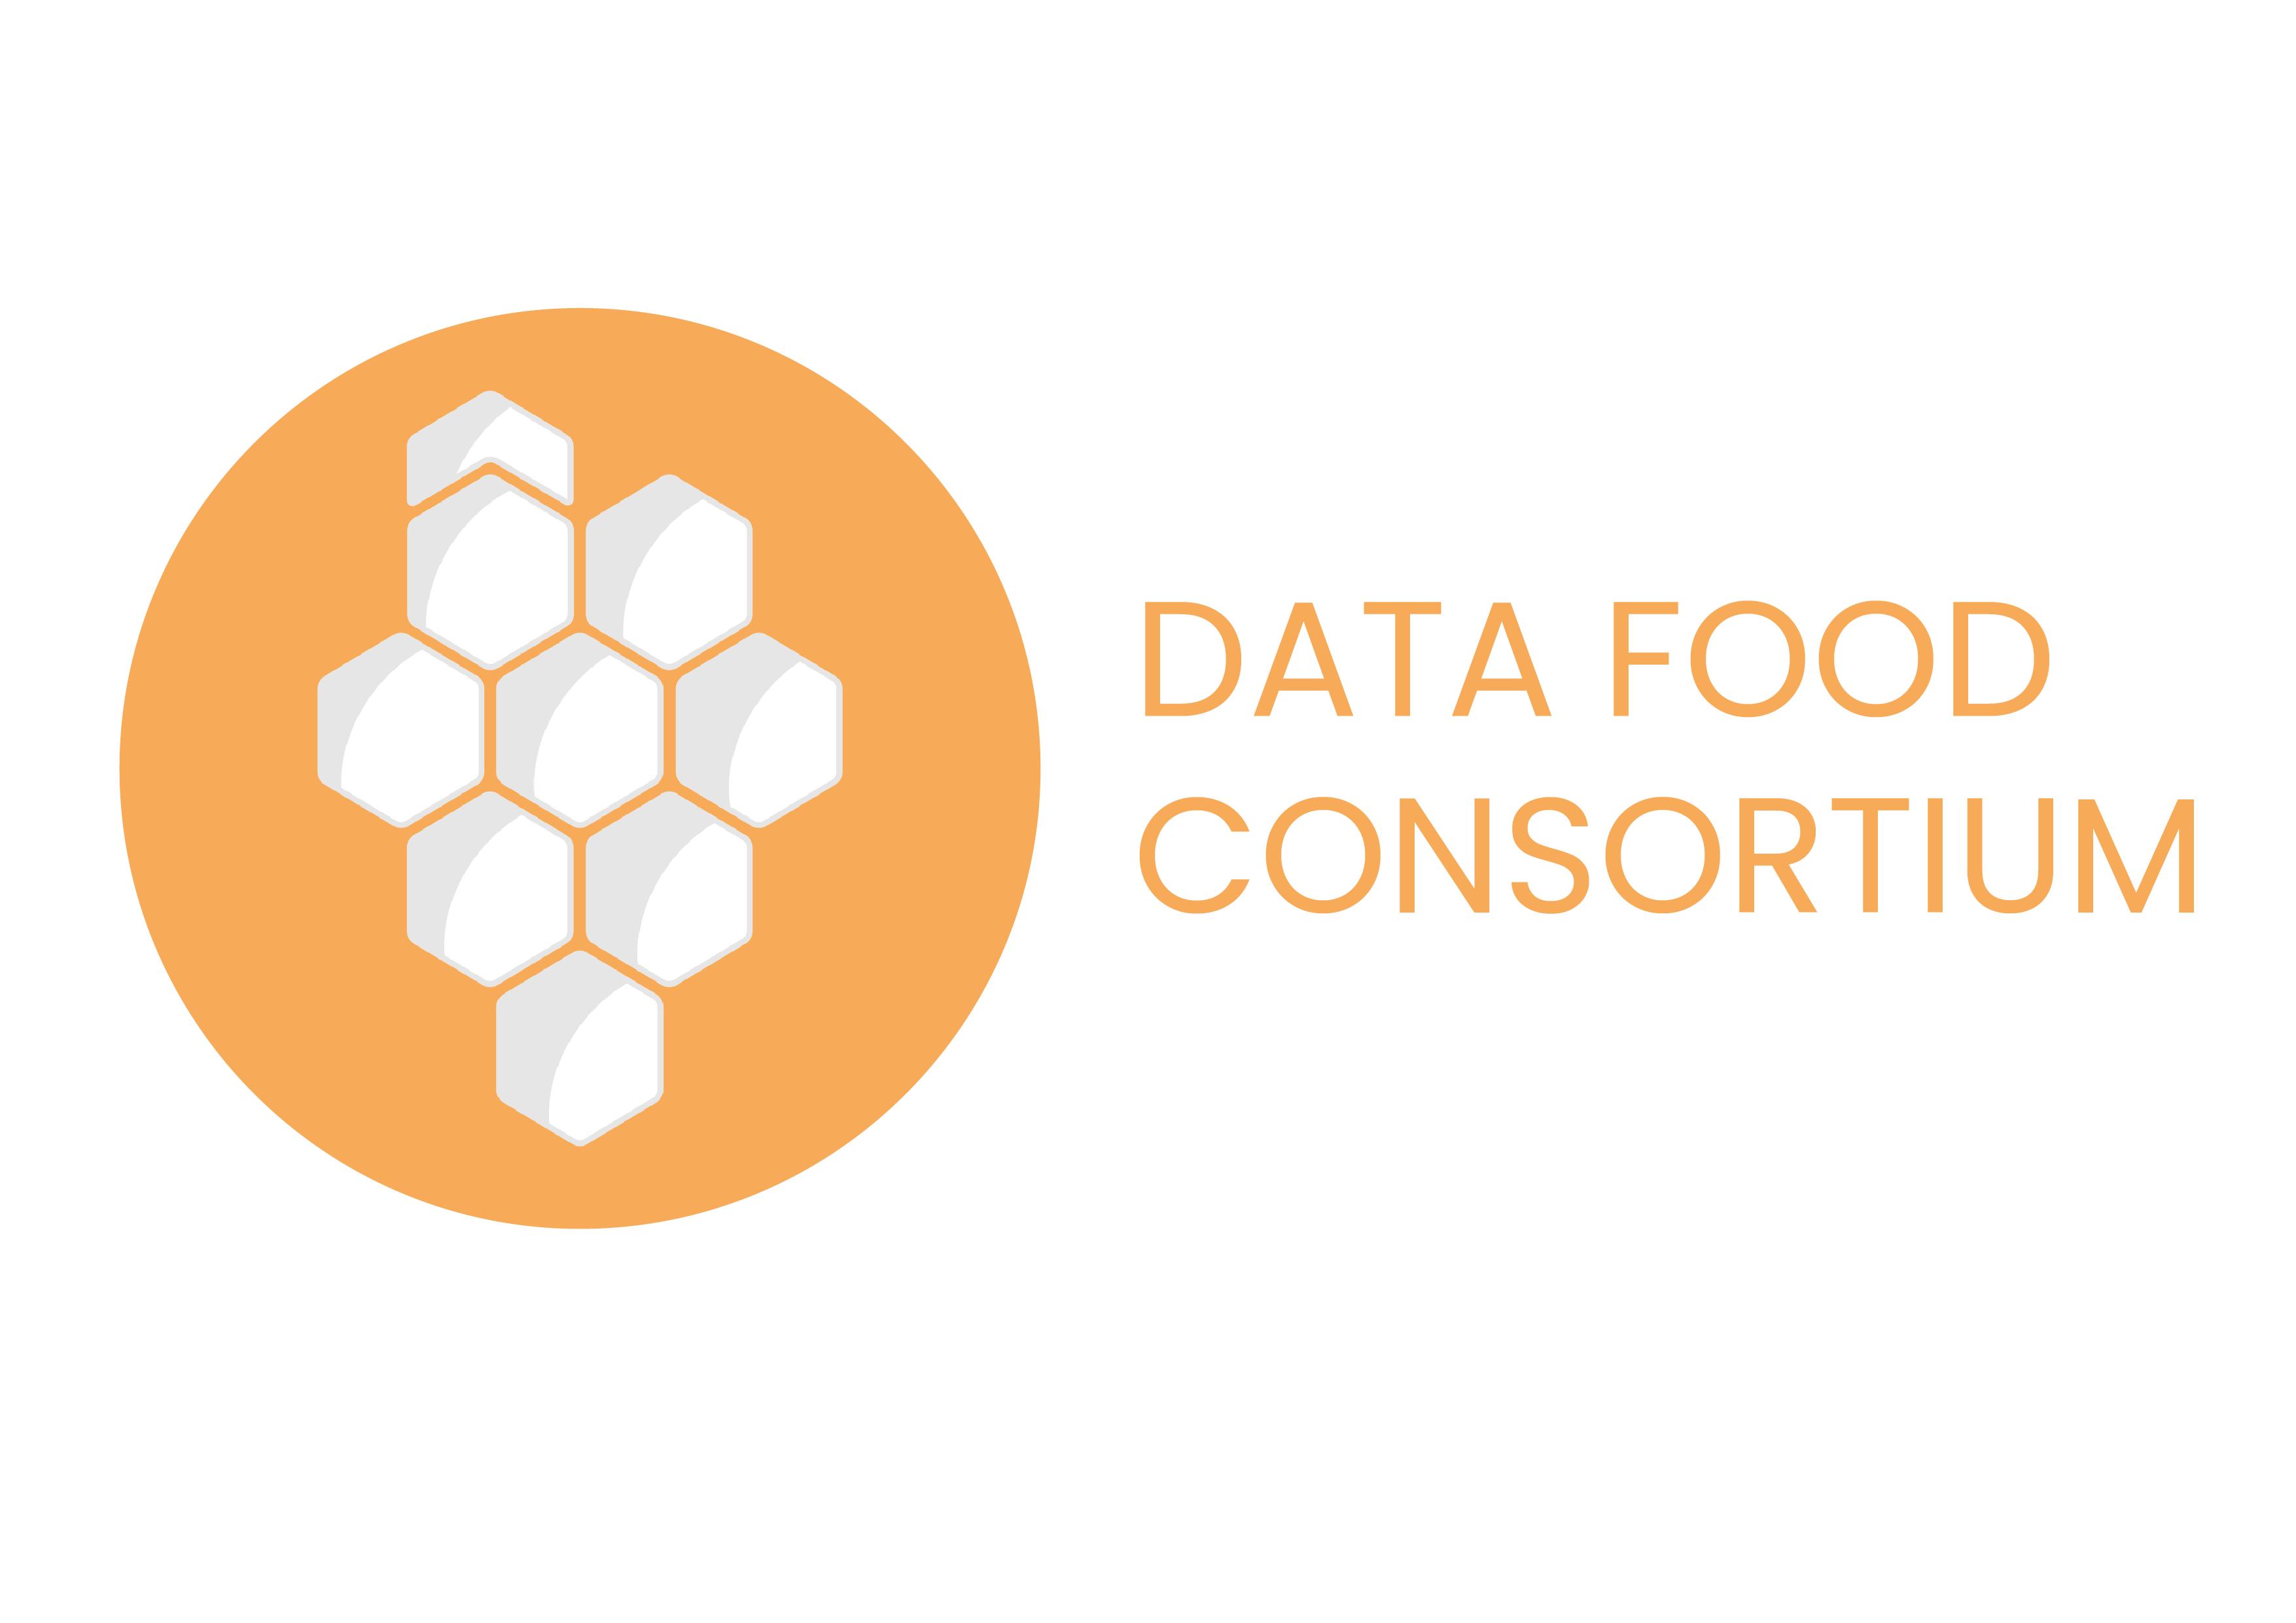 Data Food Consortium